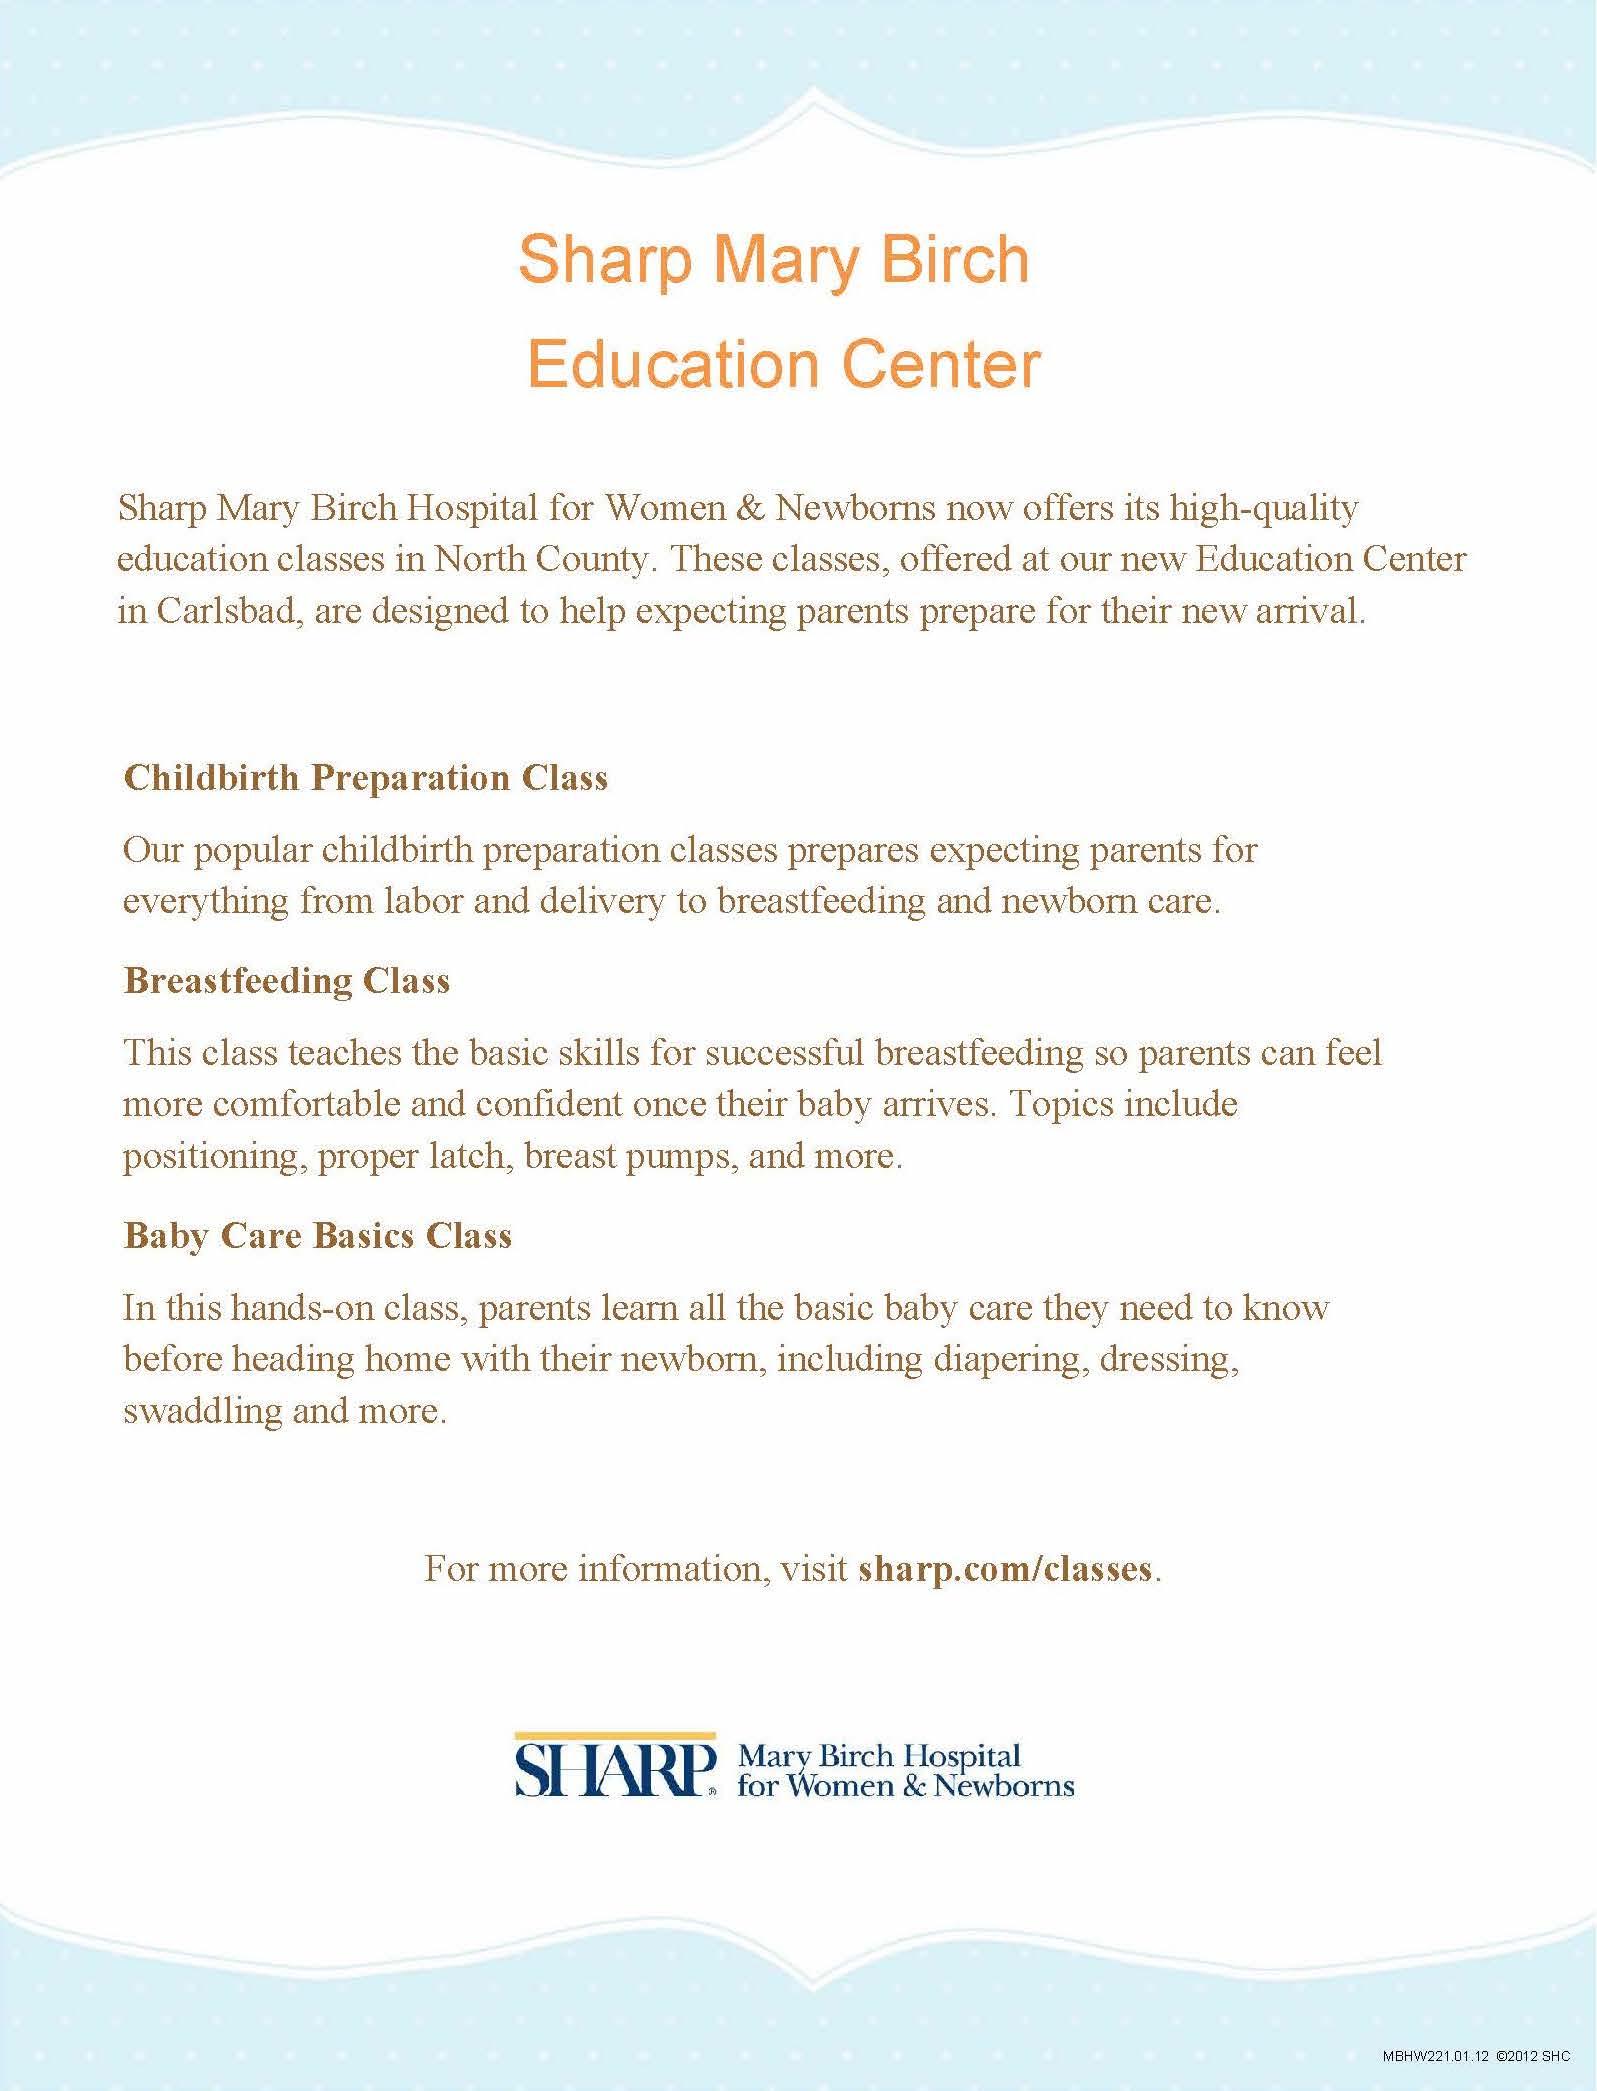 Carlsbad-nextmed-medical-doctor-clinic-med-physician-medcenter-health-center-sharp-classes-pregnancy-breastfeeding-fertilization-IVF